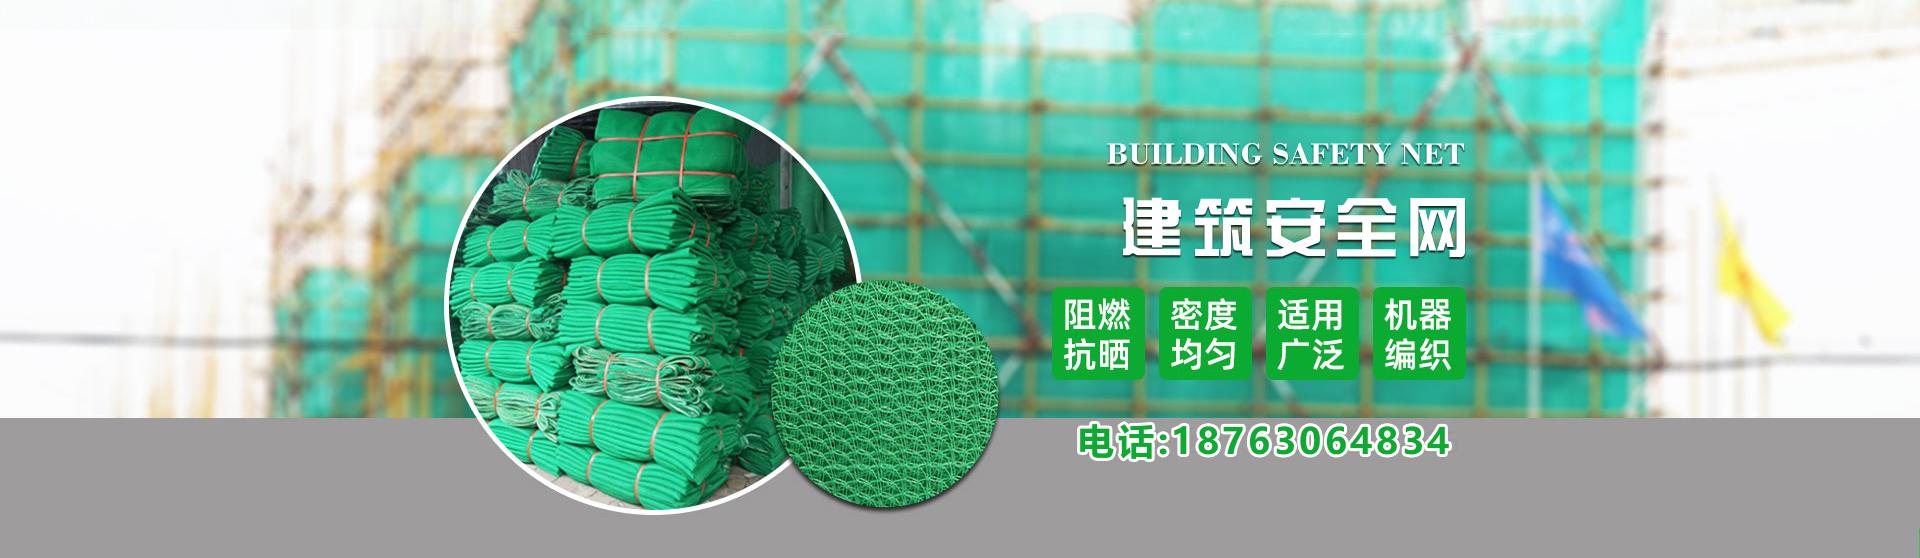 防护攀爬网加工厂